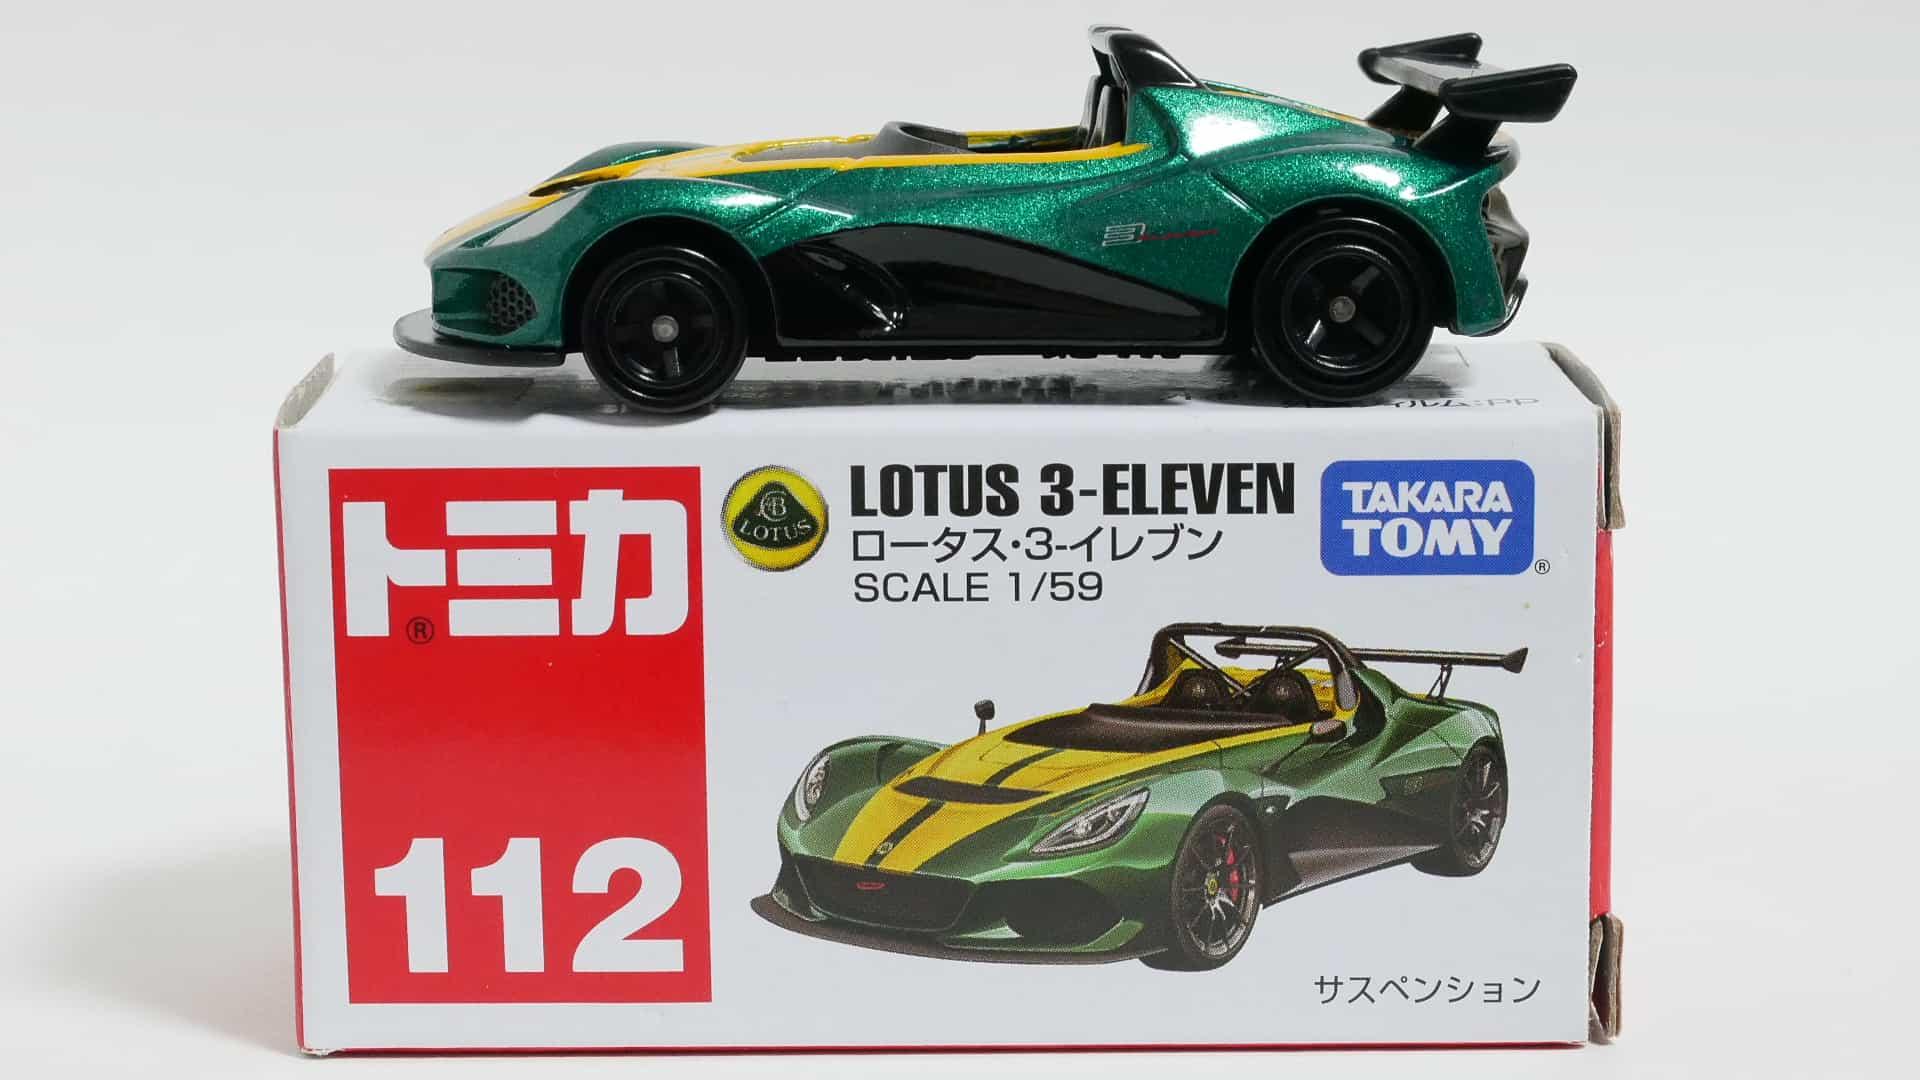 トミカNo.112-8ロータス・3-イレブン-箱